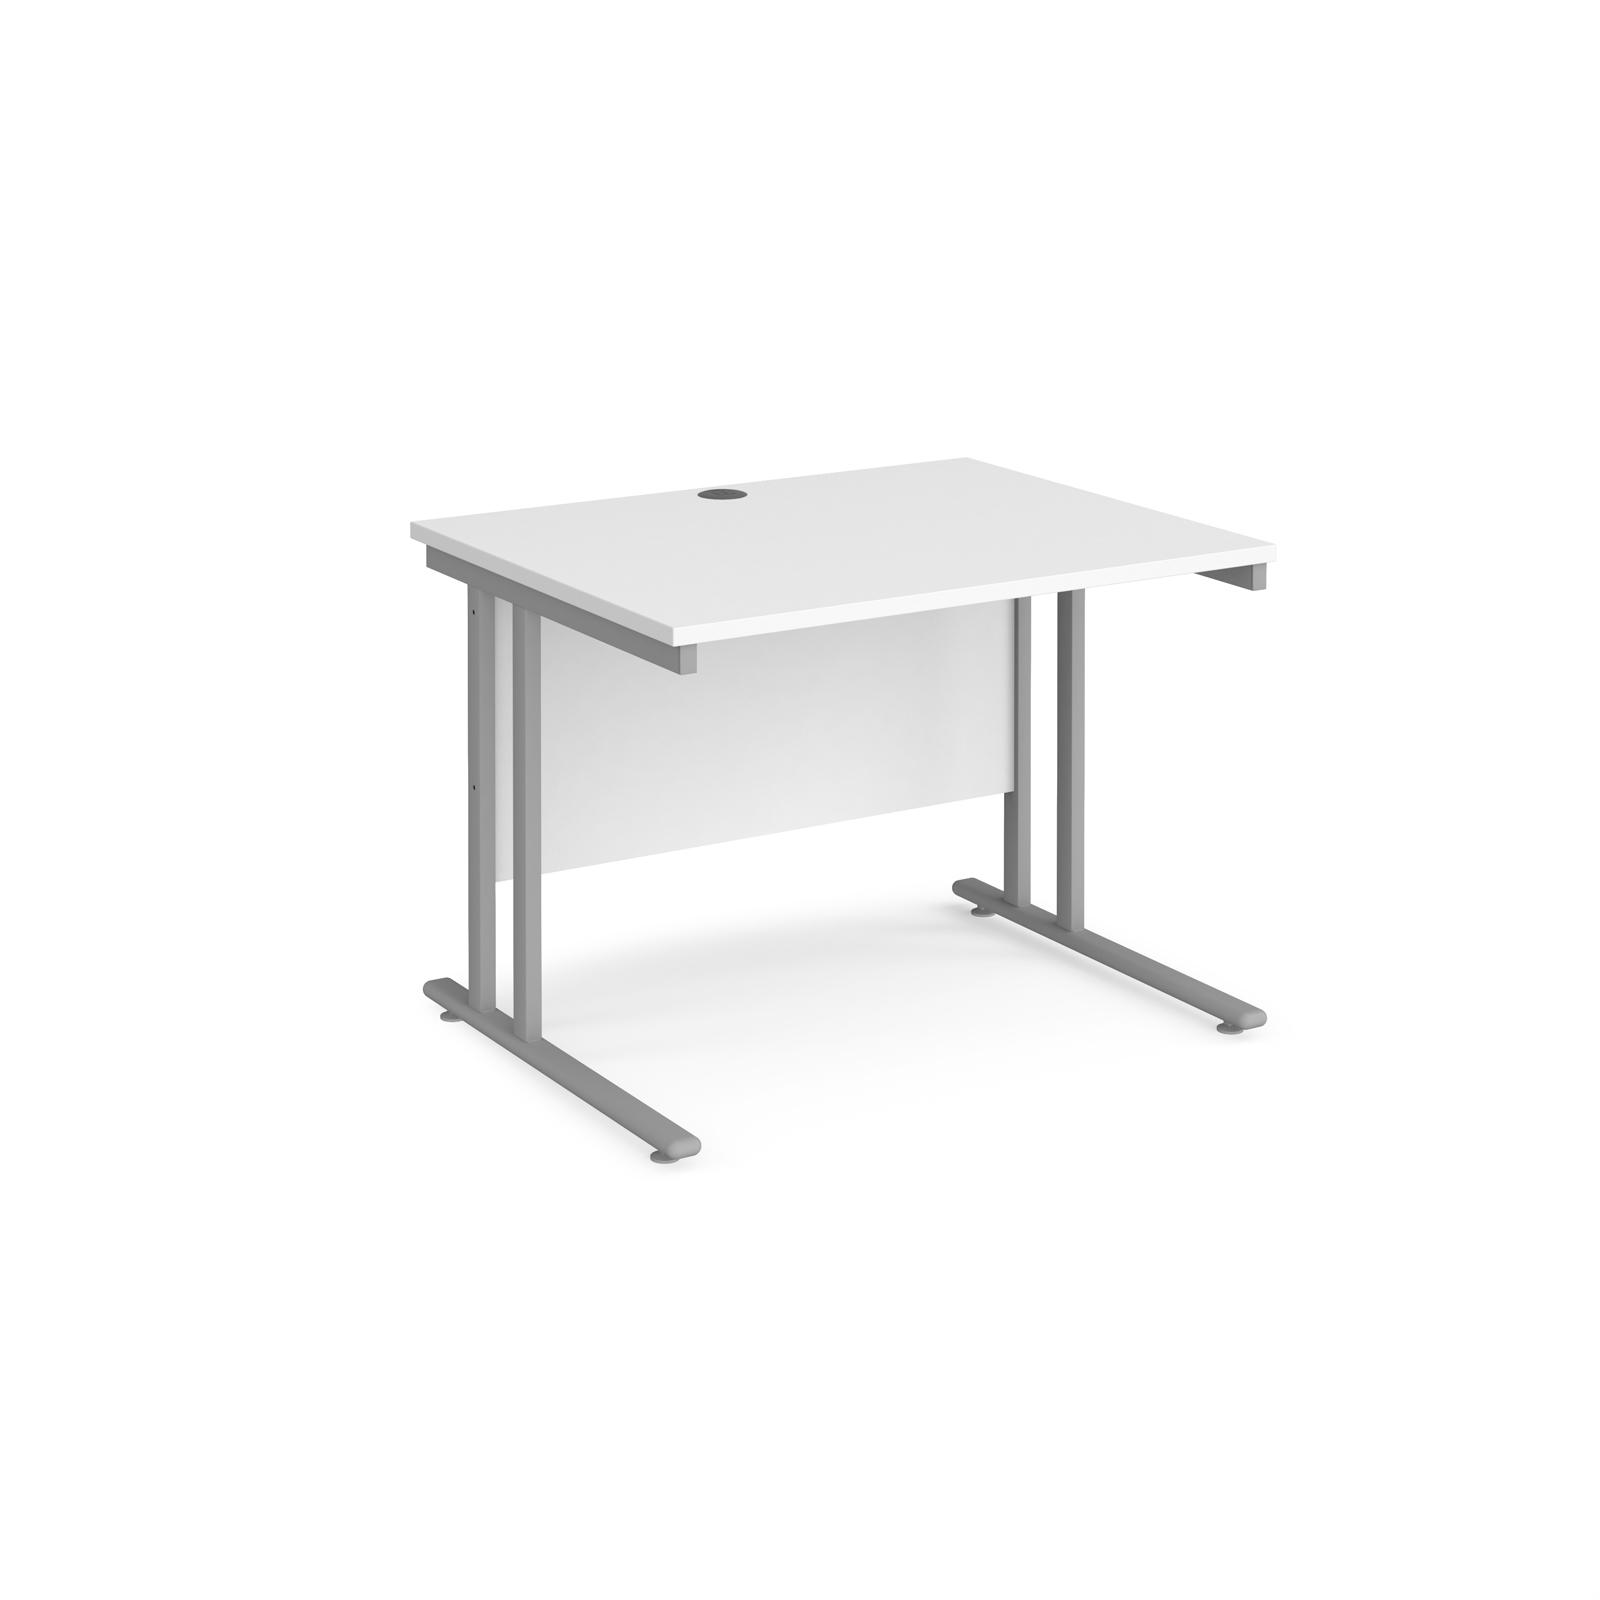 Rectangular Desks Maestro 25 straight desk 1000mm x 800mm - silver cantilever leg frame, white top